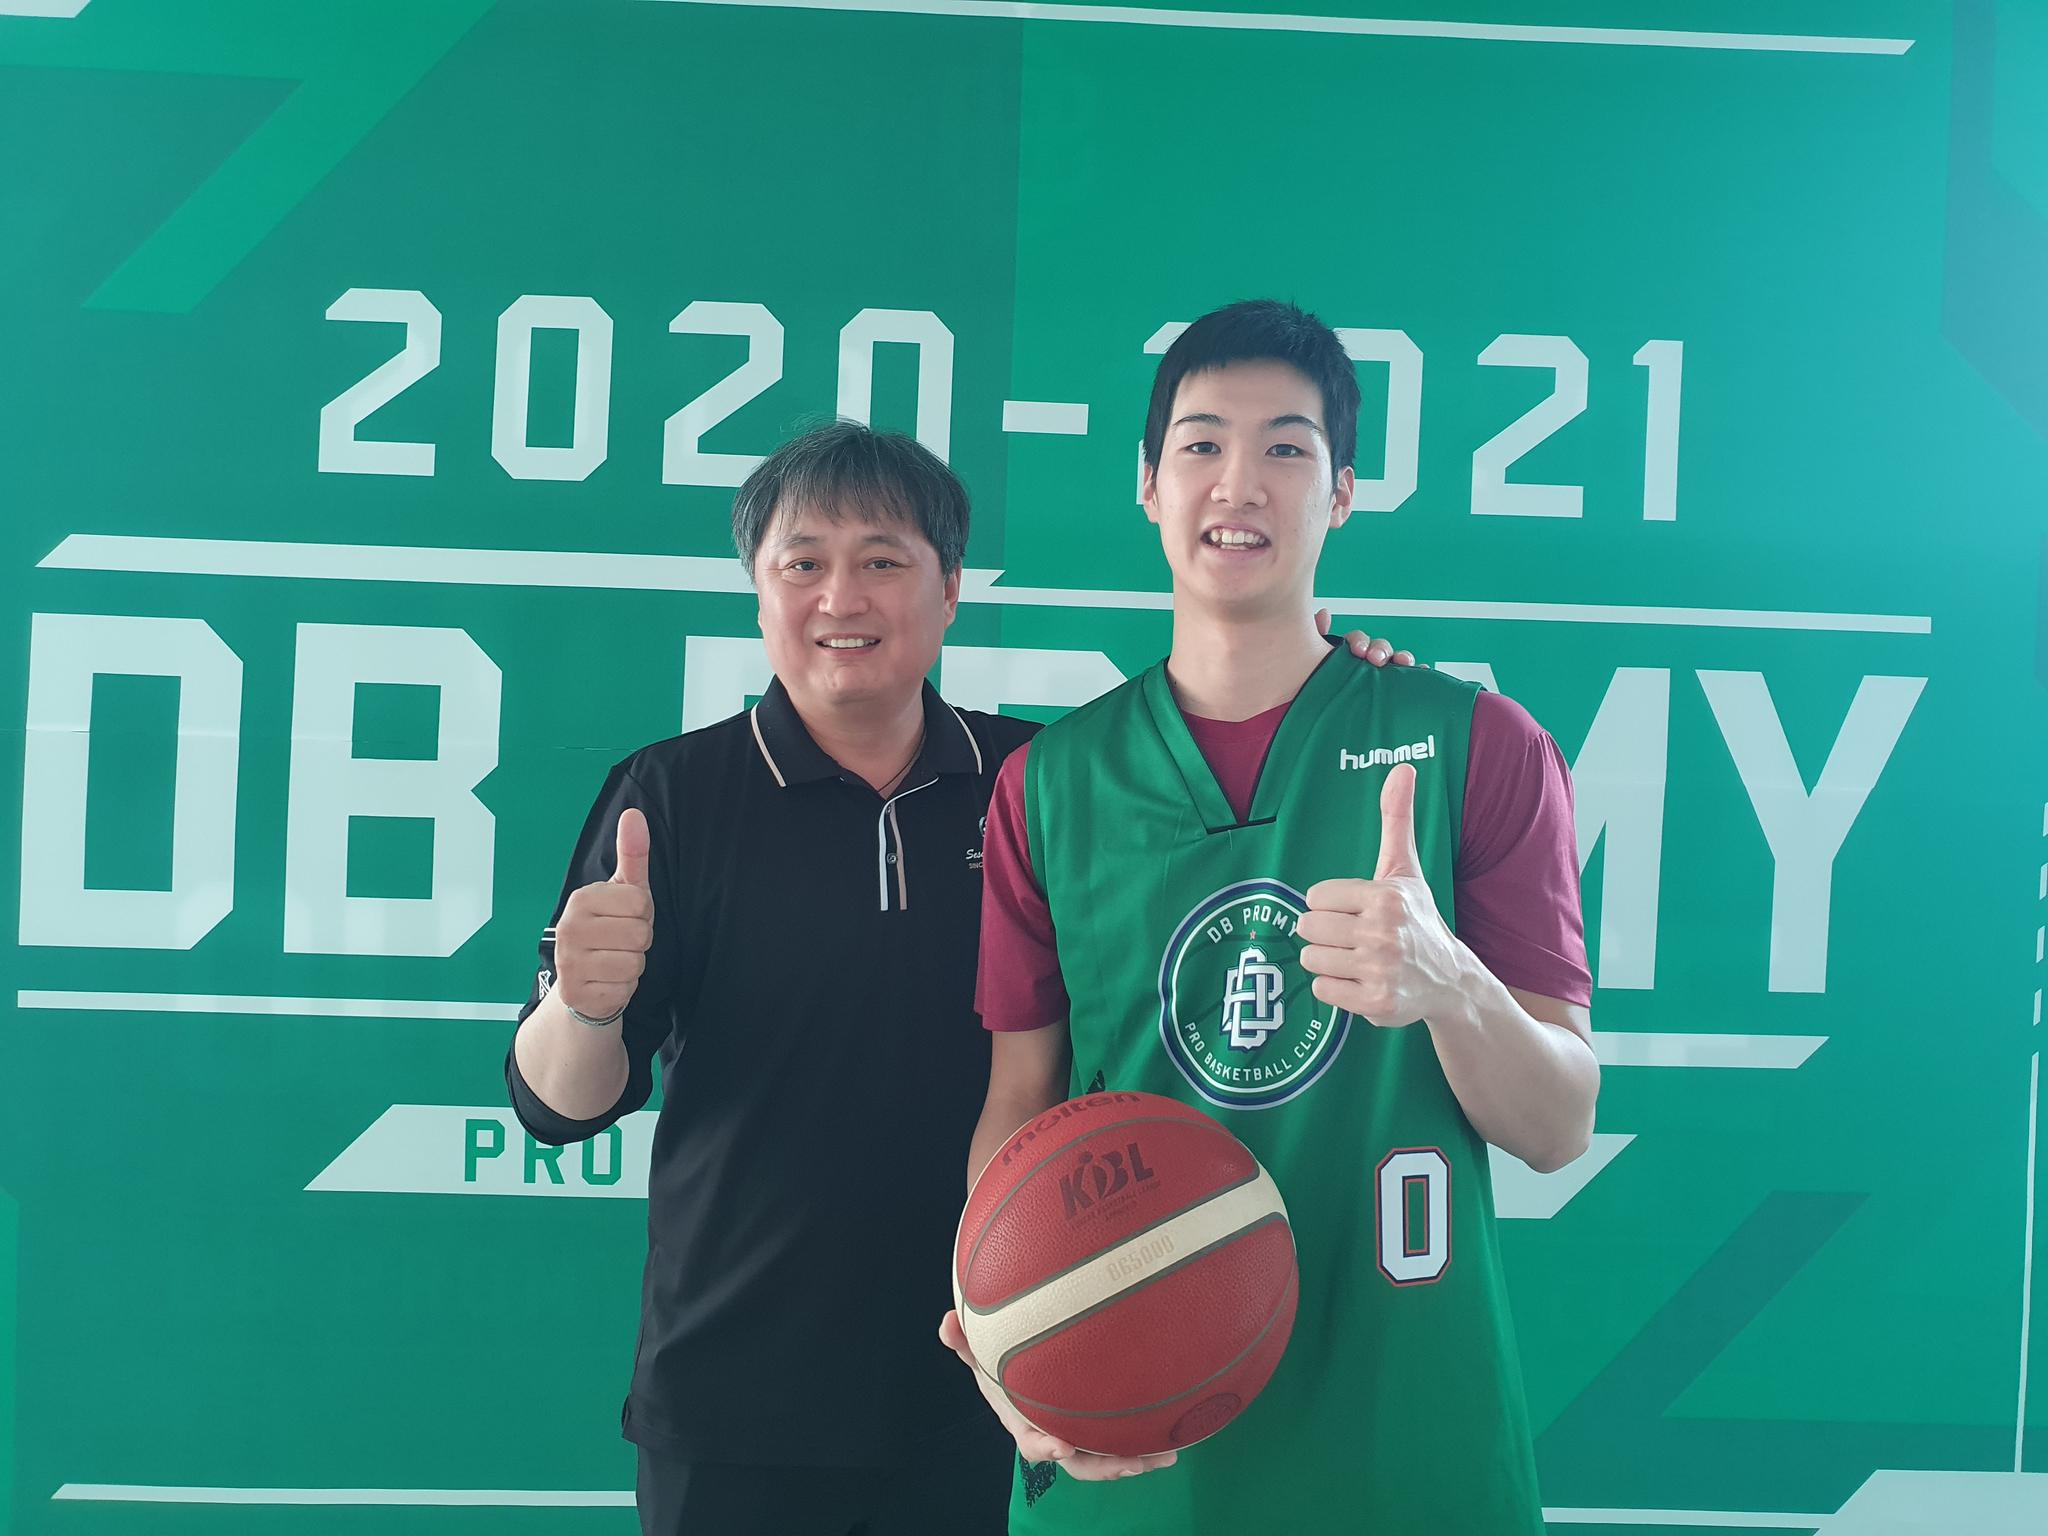 일본인 최초의 KBL 선수 타이치(오른쪽)가 이상범 감독과 기념촬영을 하고 있다. 박린 기자